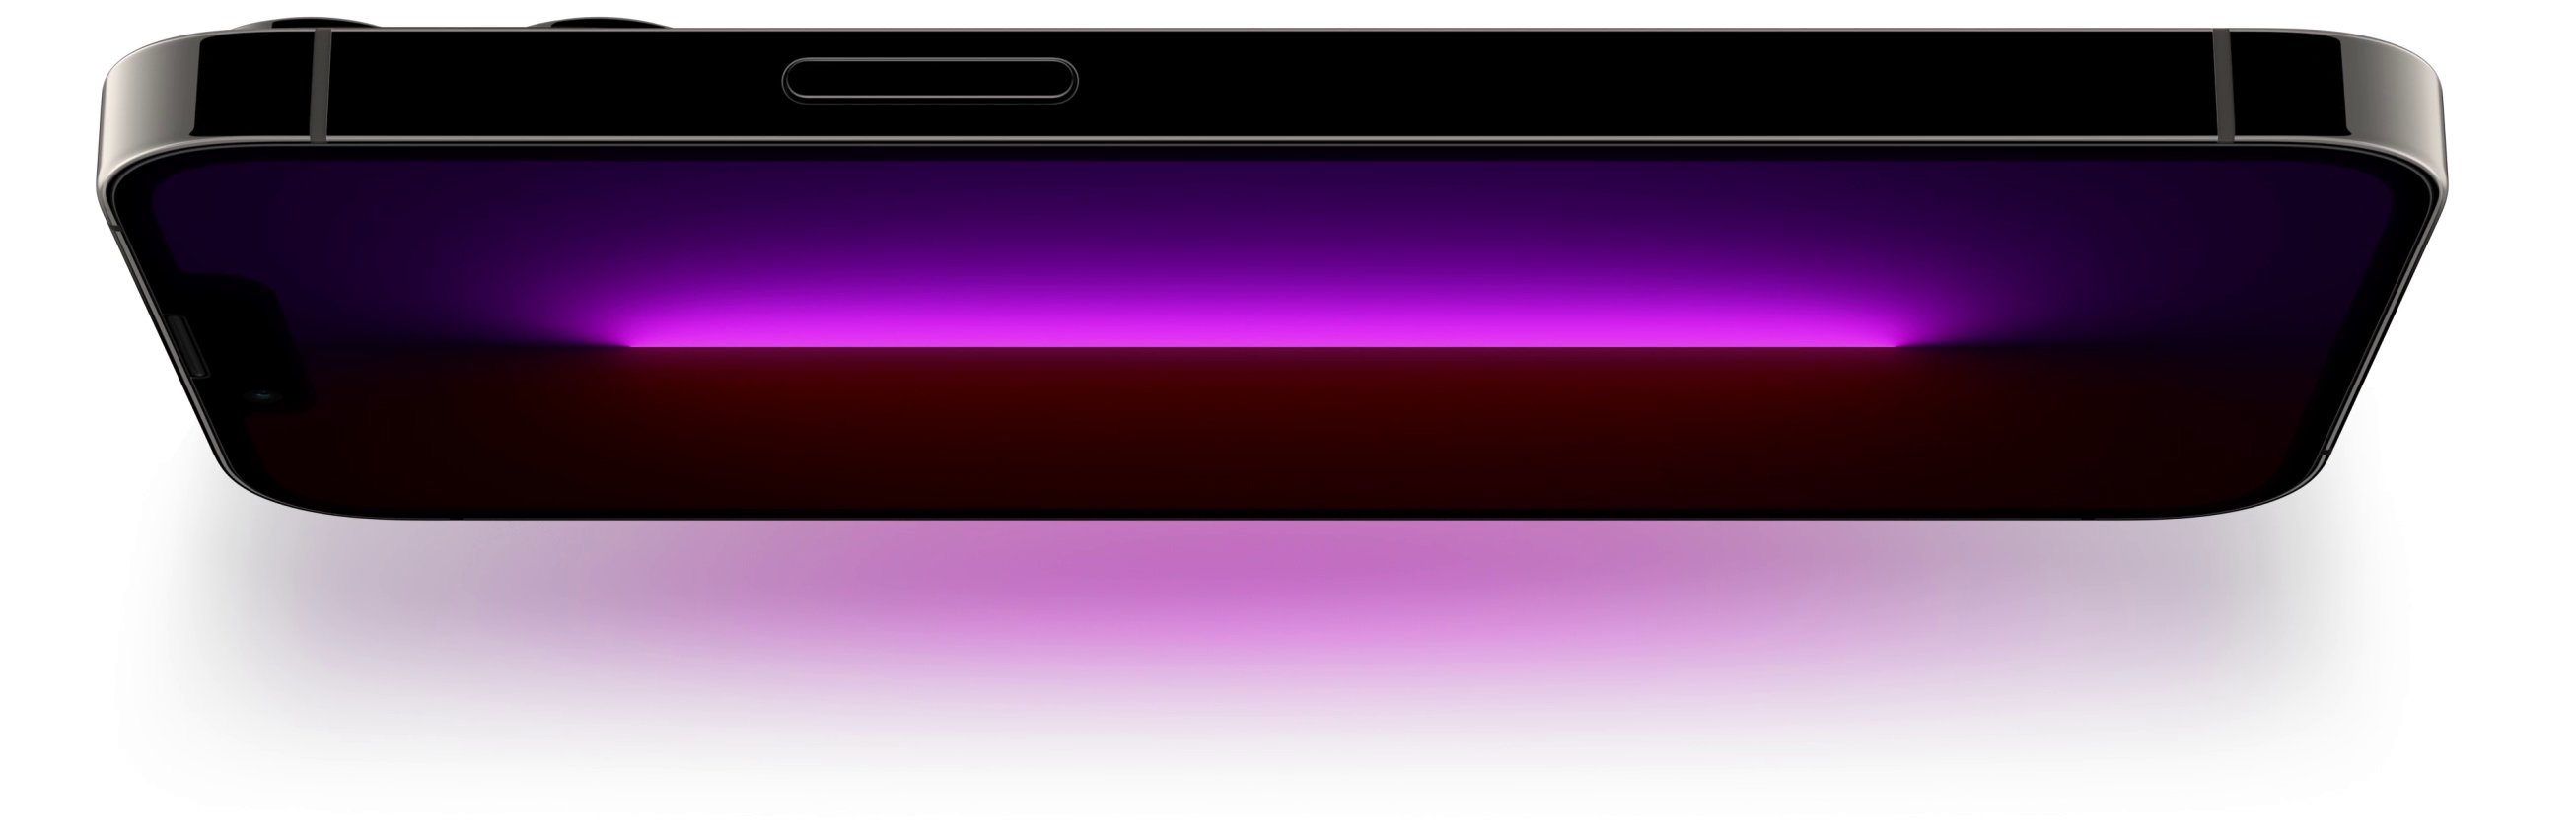 13 Gründe, warum ihr das neue iPhone 13 Pro braucht